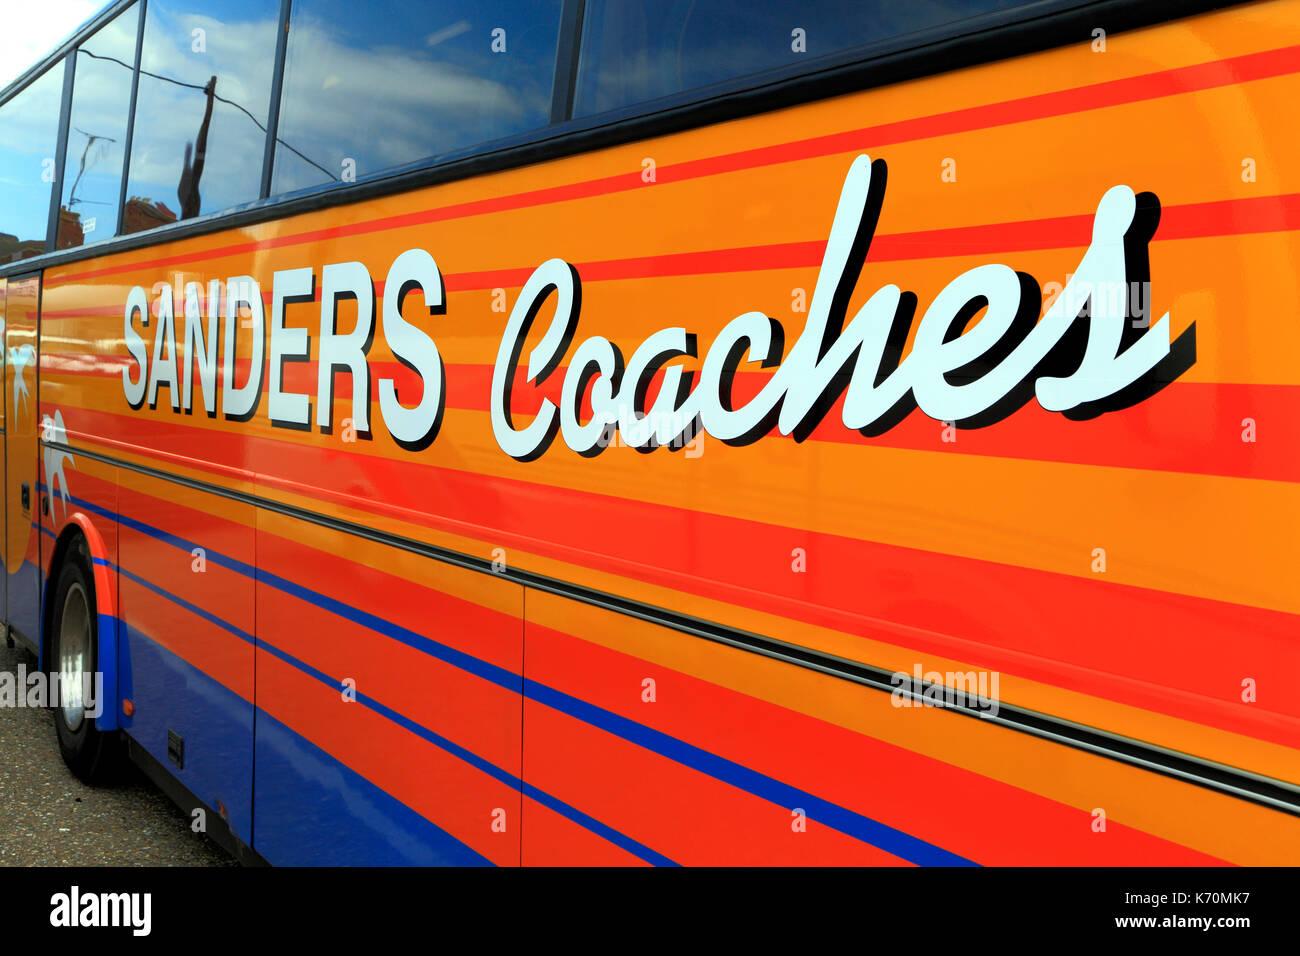 Sanders, entraîneur des entraîneurs, des excursions d'un jour, voyage, excursion, excursions, vacances, séjour, voyage, transport, England, UK Photo Stock